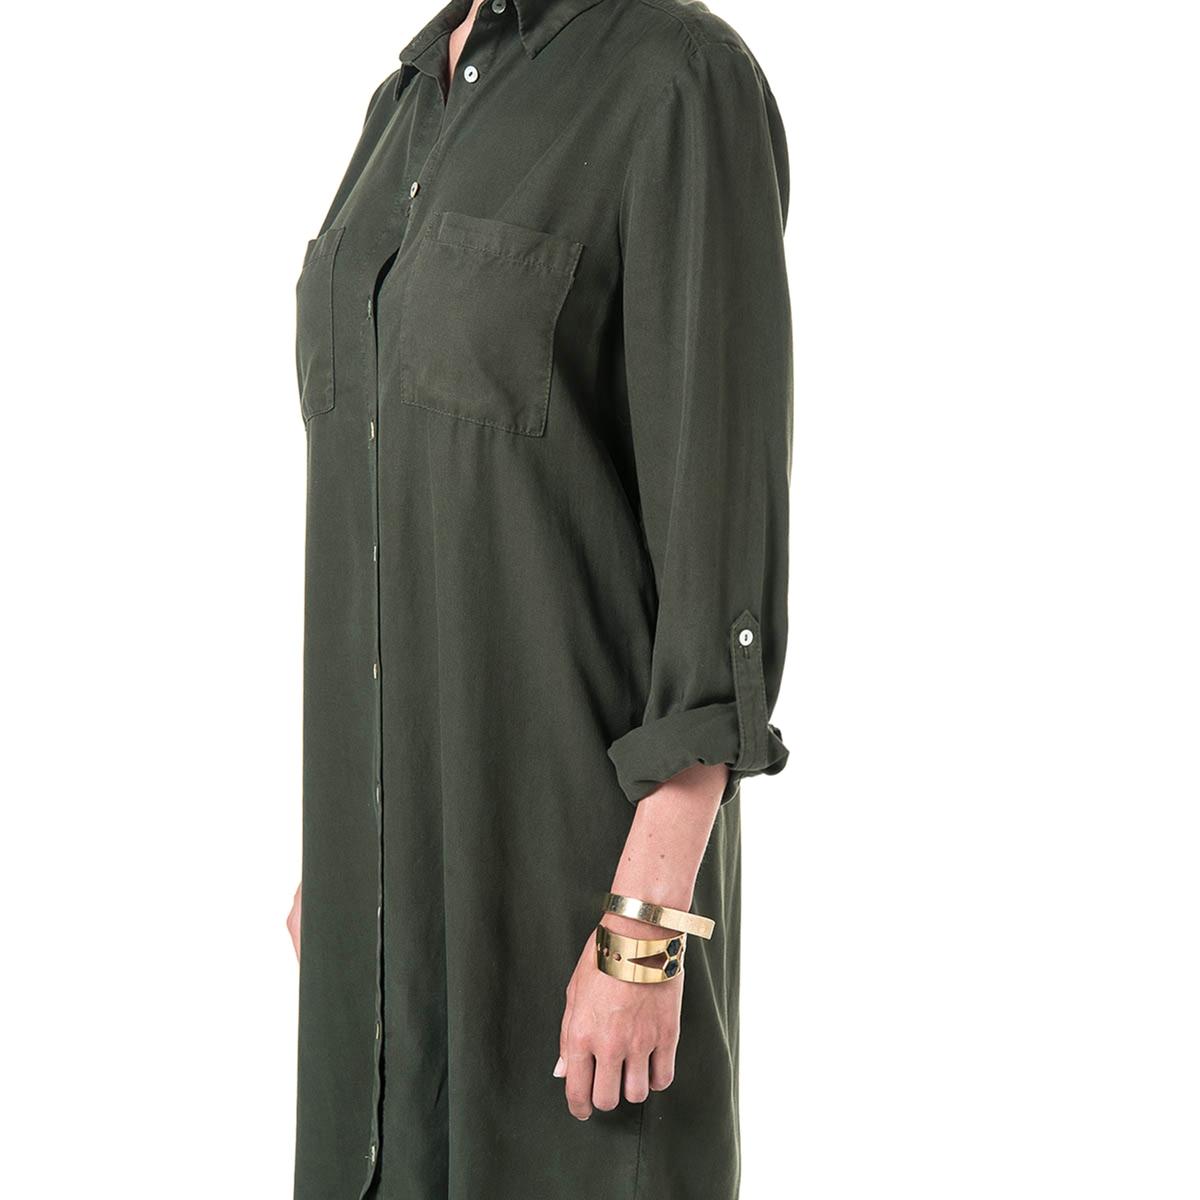 Платье-рубашка из тенселаМатериал : 100% лиоцелл  Длина рукава : Длинные рукава  Форма воротника : воротник-поло, рубашечный. Покрой платья : платье прямого покроя  Рисунок : Однотонная модель   Длина платья : до колен<br><br>Цвет: хаки